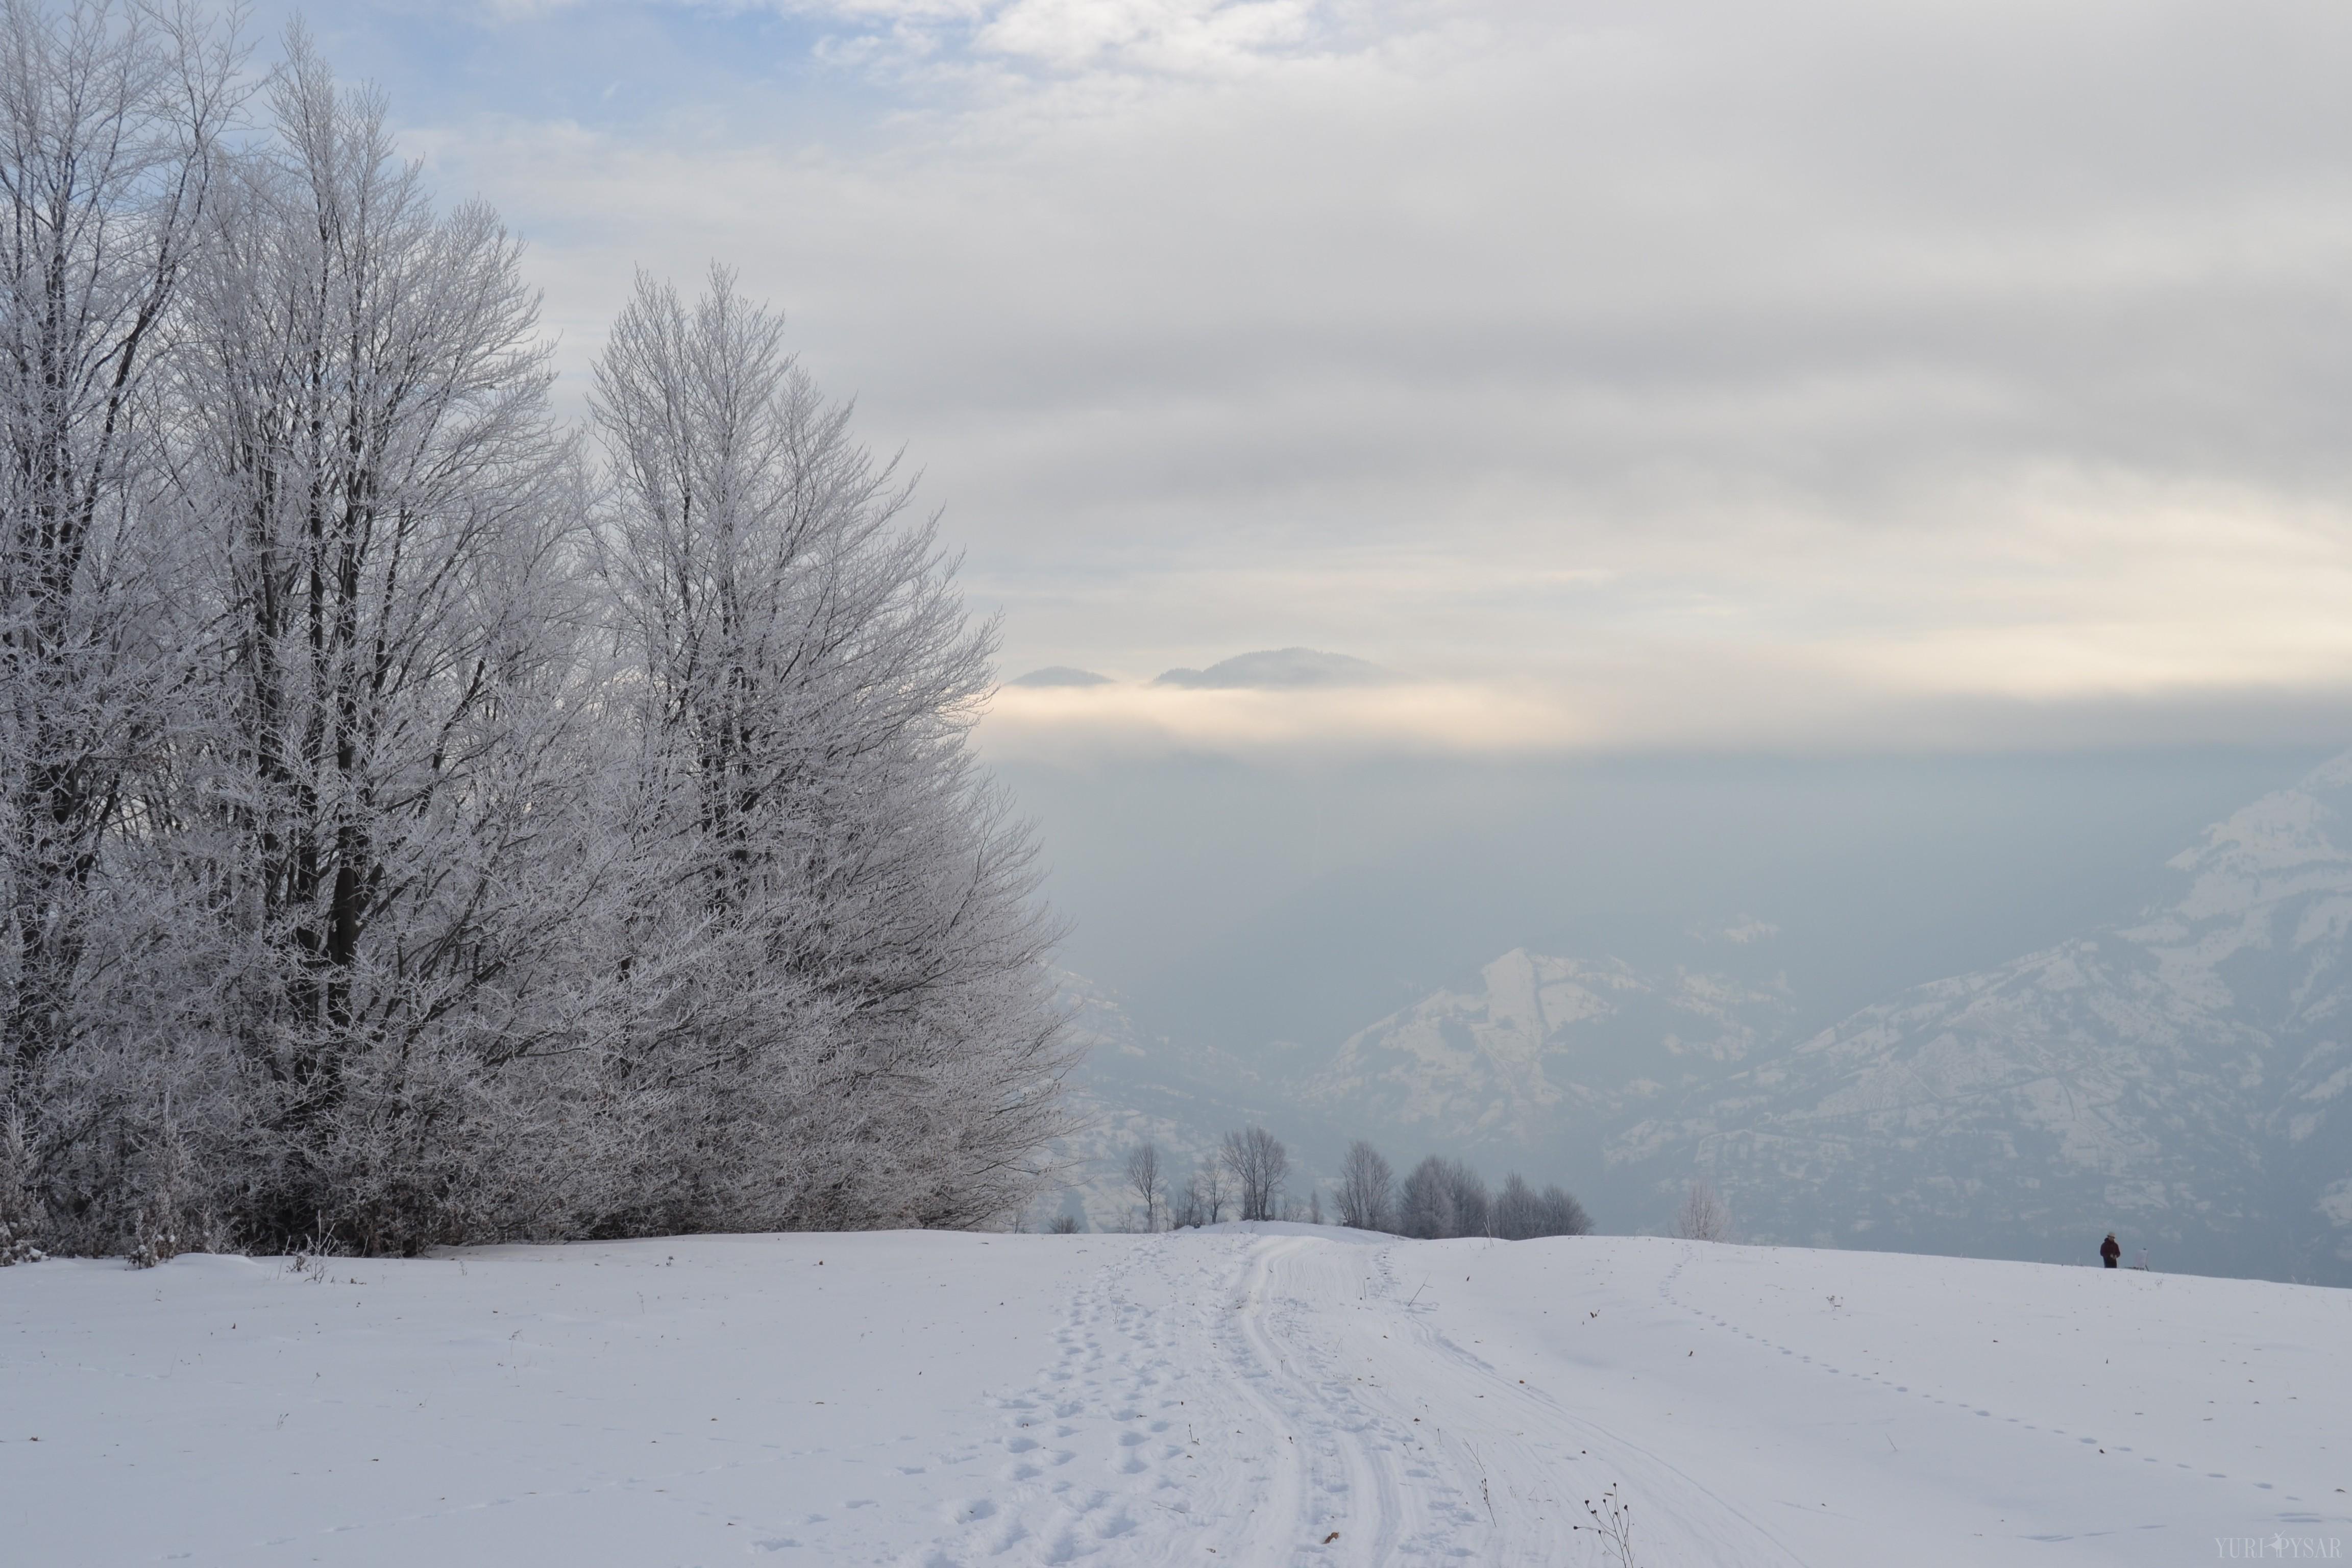 carpathians wearing snow in January 2015